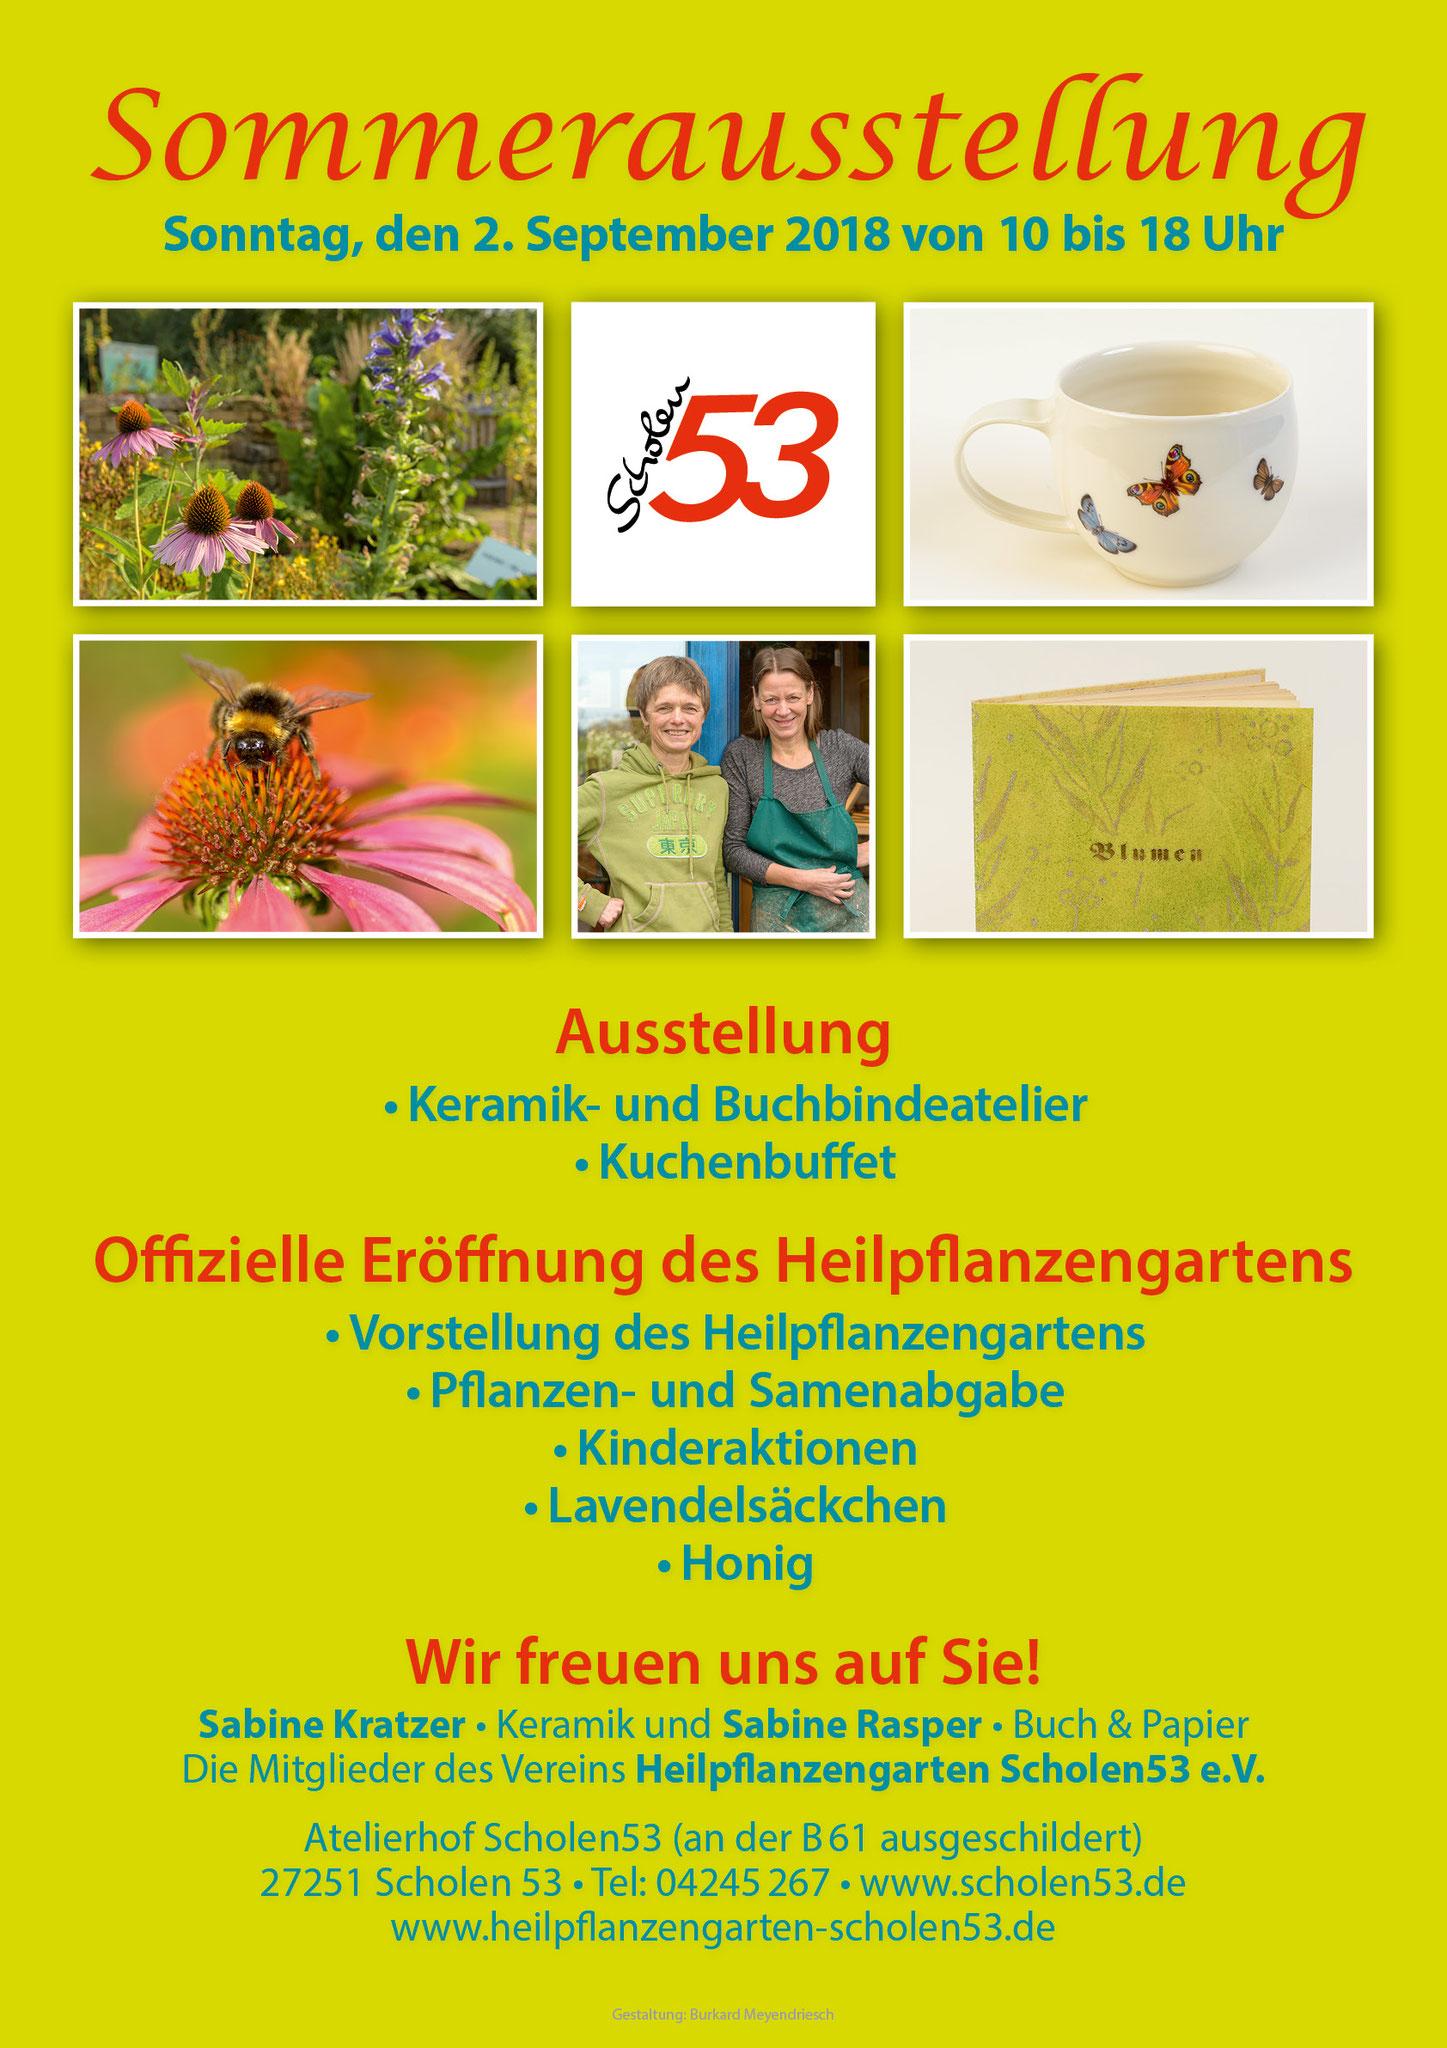 Plakat zur Sommerausstellung 2018